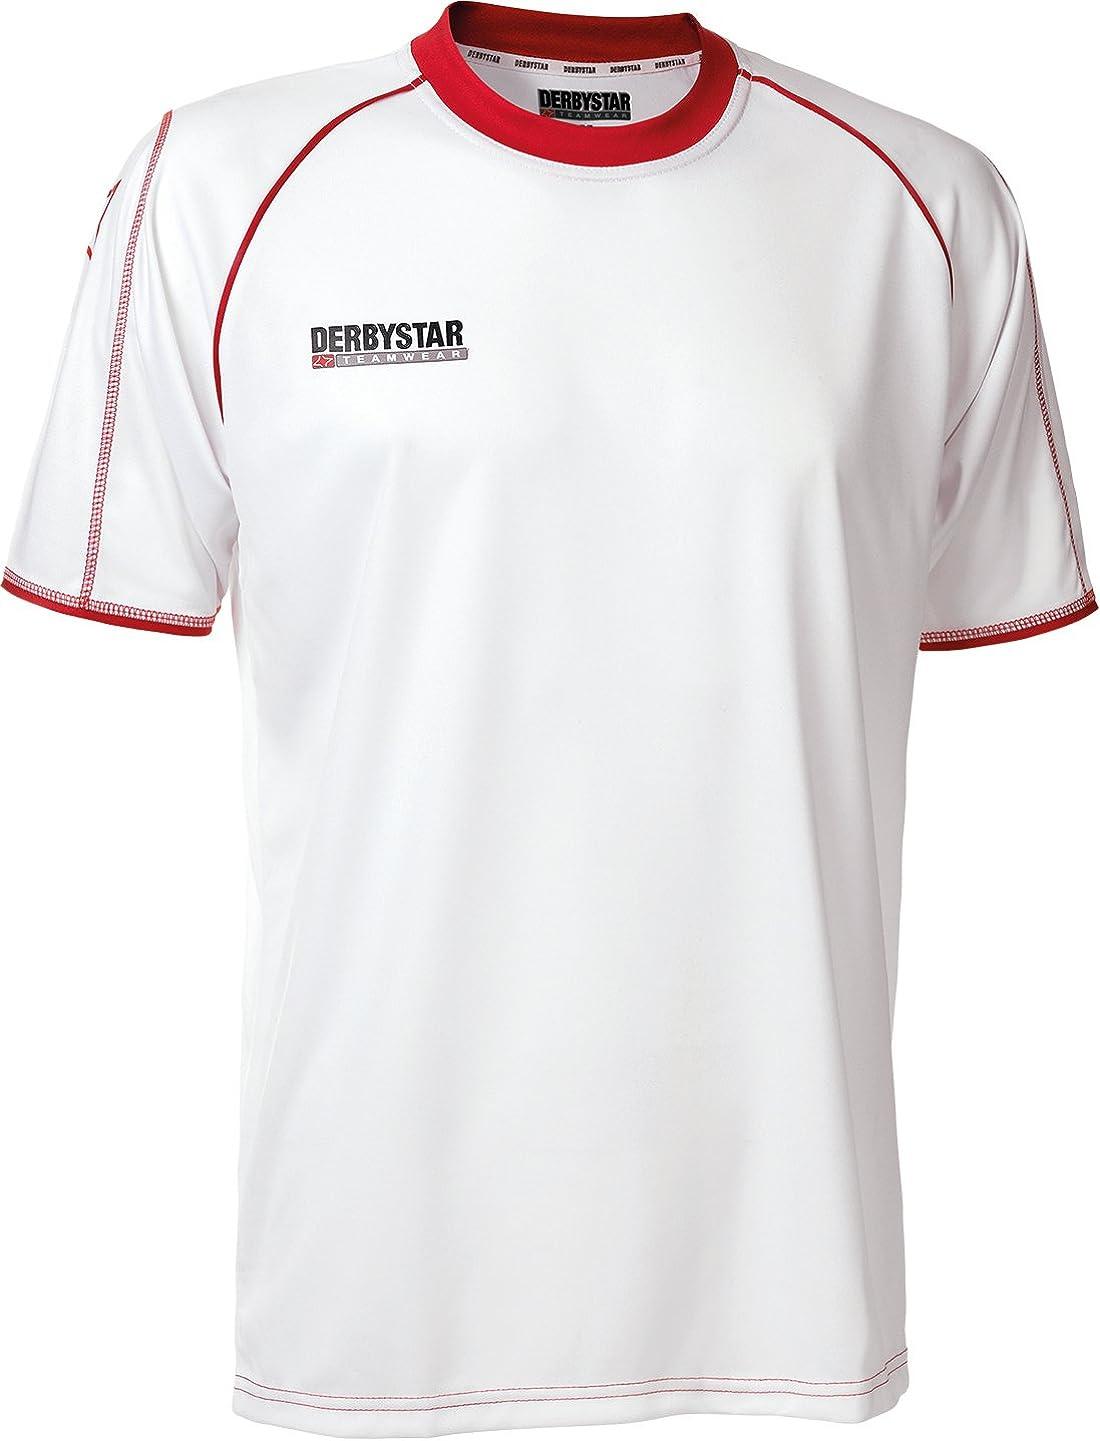 Derbystar Unisex Trikot Energy Kurzarm T-shirt,